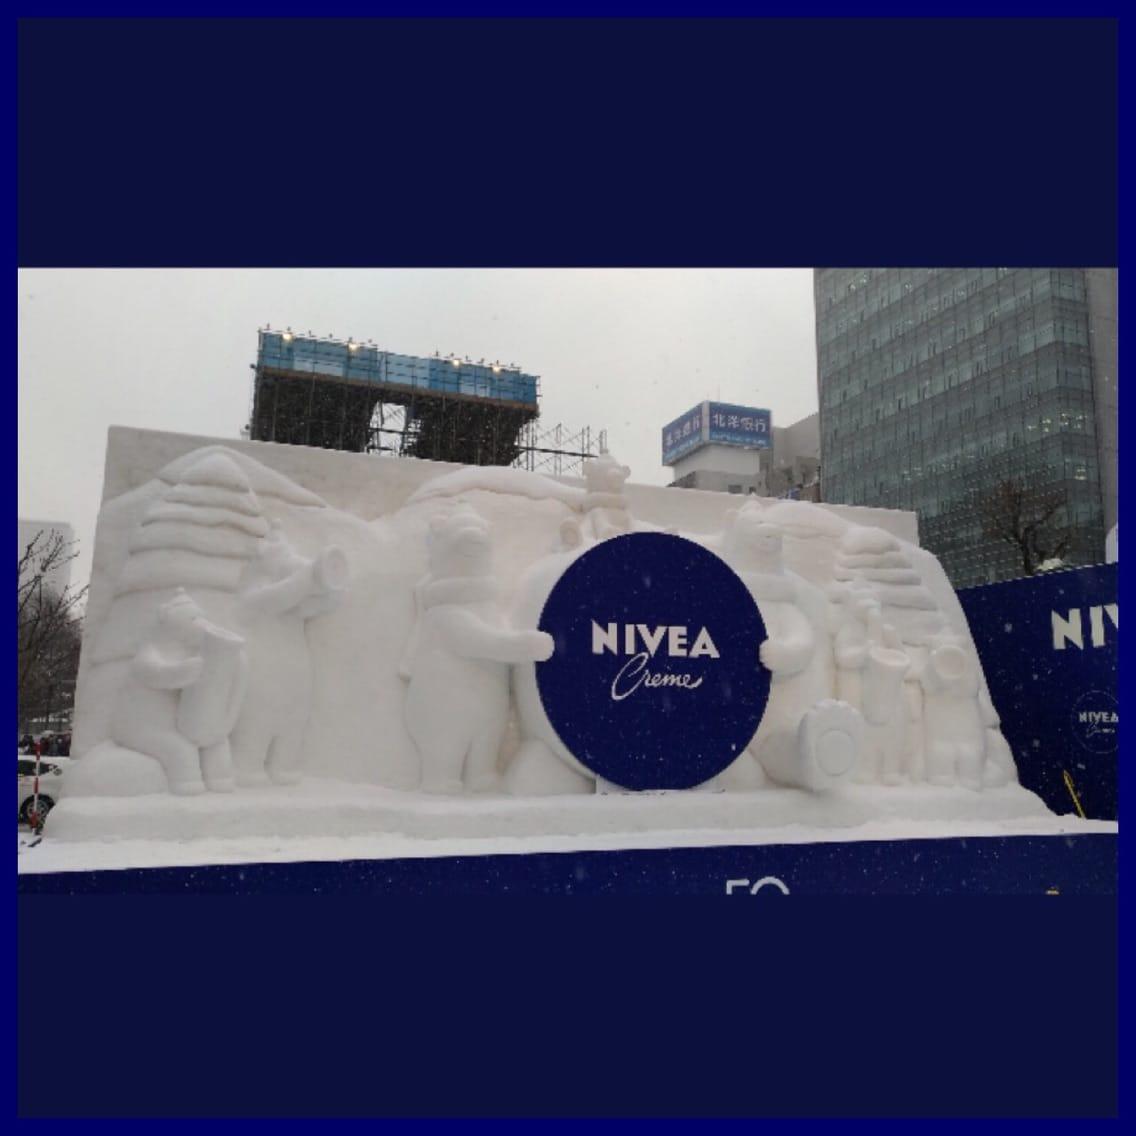 「さ、寒そう(*_*)」02/05(02/05) 20:49 | みひろの写メ・風俗動画